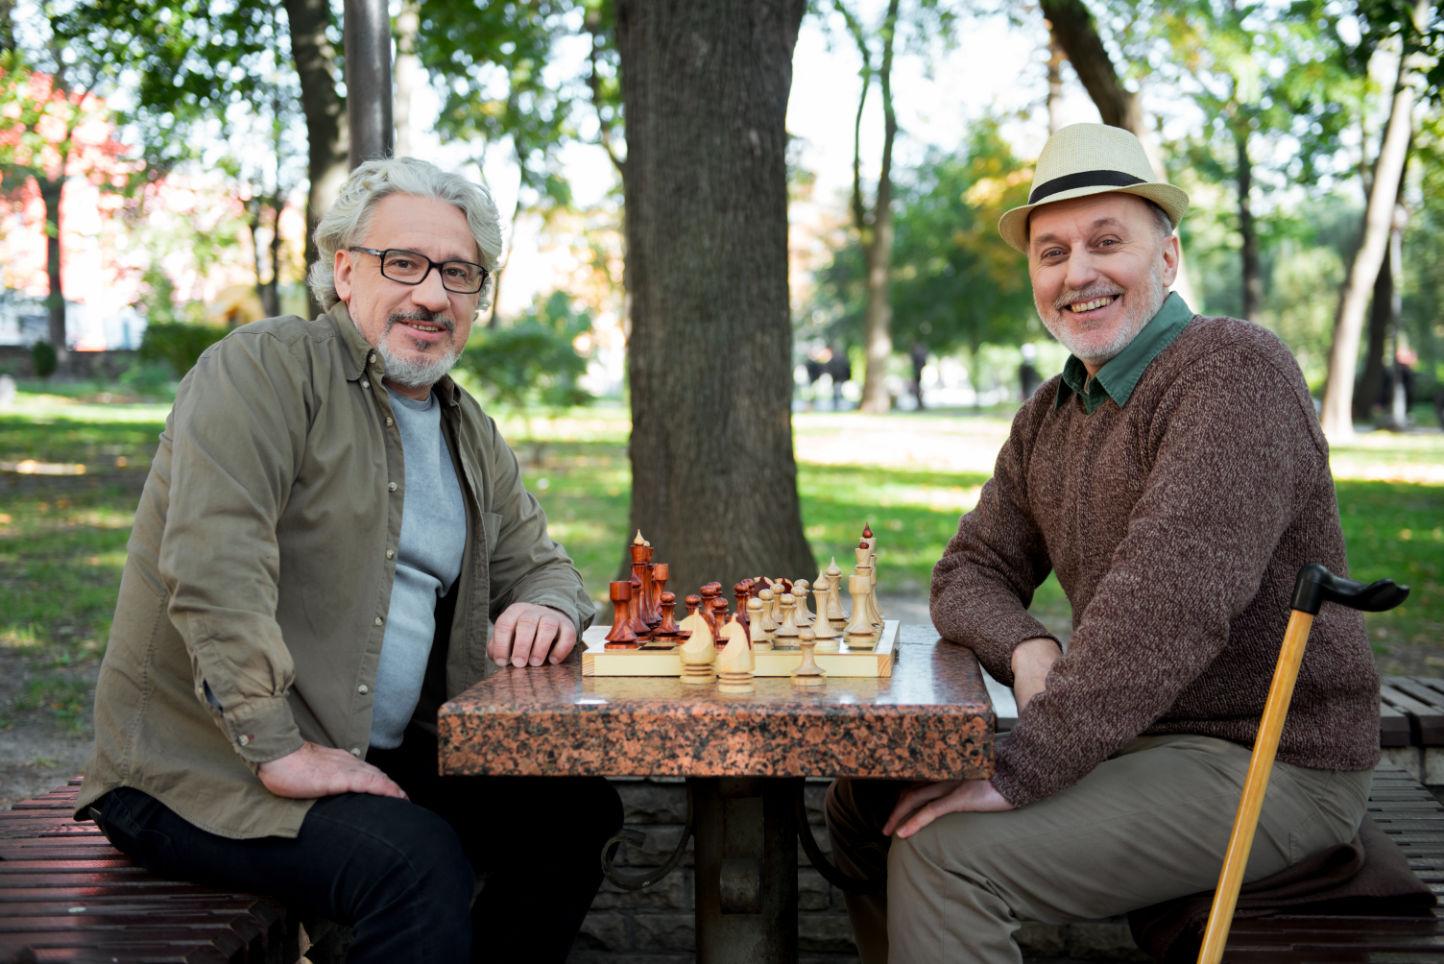 incontro di due uomini gay adulti per relazione seria